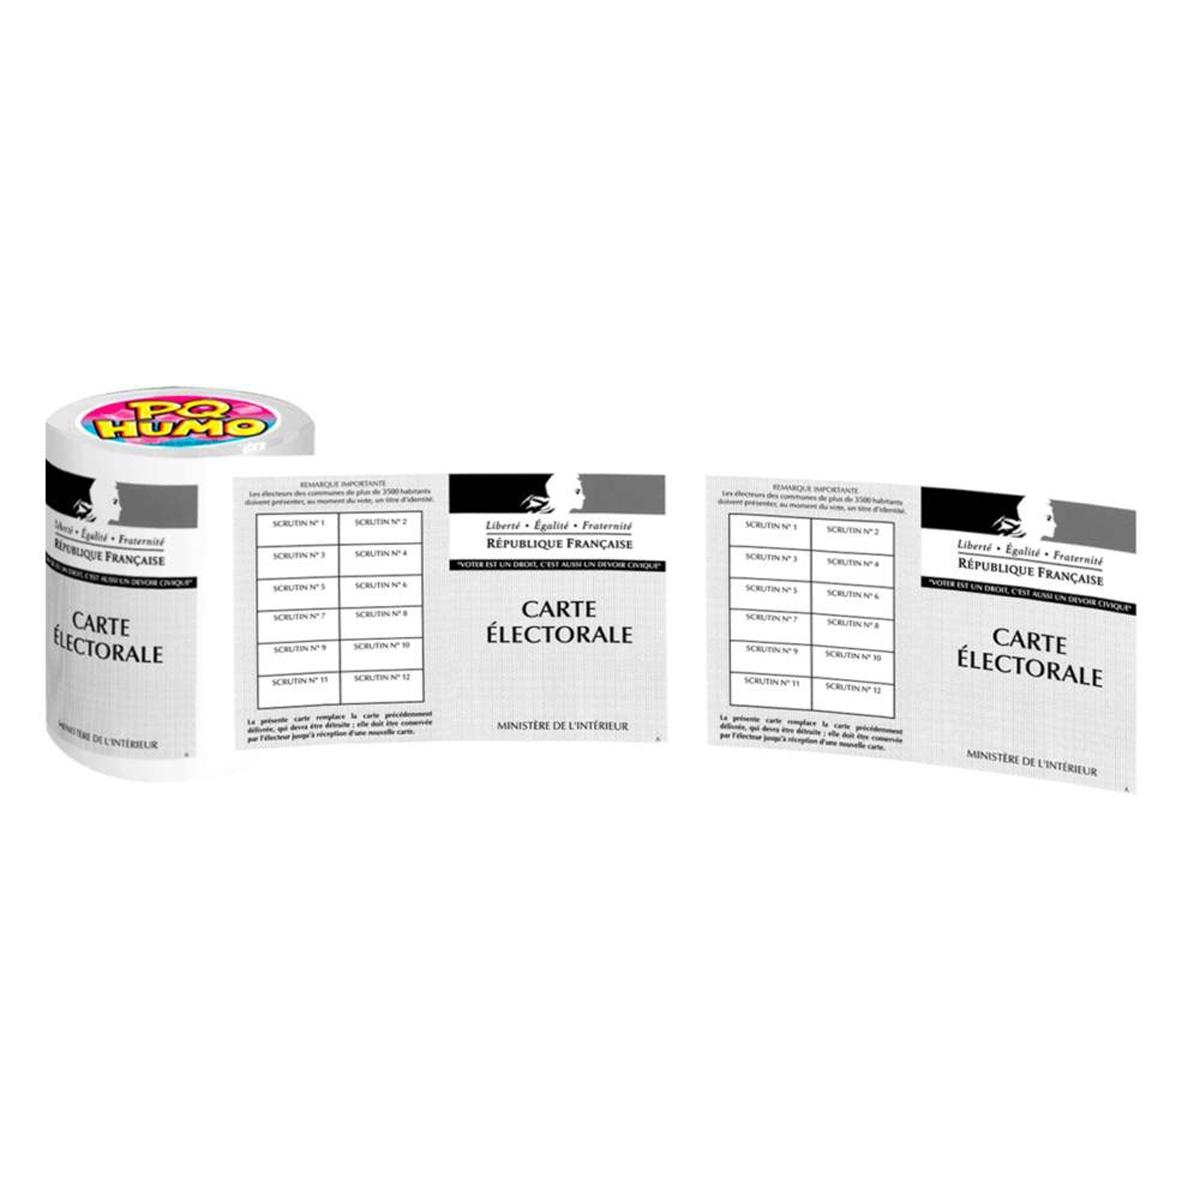 Rouleau WC \'Carte Electorale\'  - [P8761]